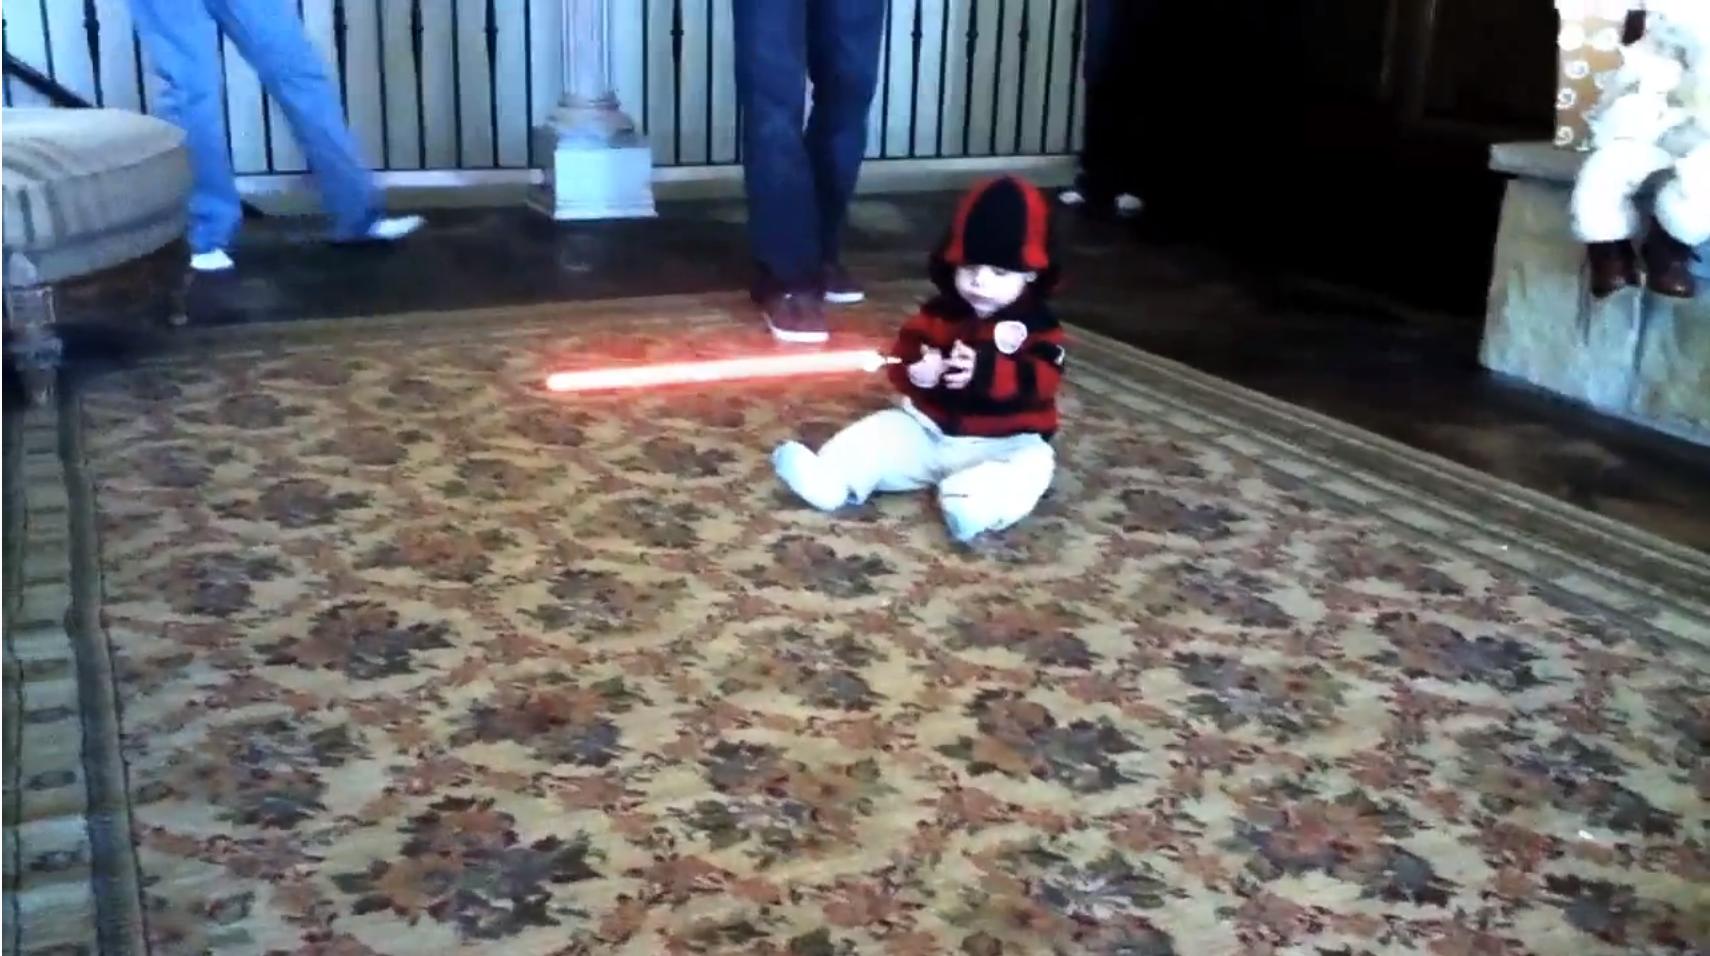 bebe sabre laser - Bébé avec un sabre laser terrorise la famille!